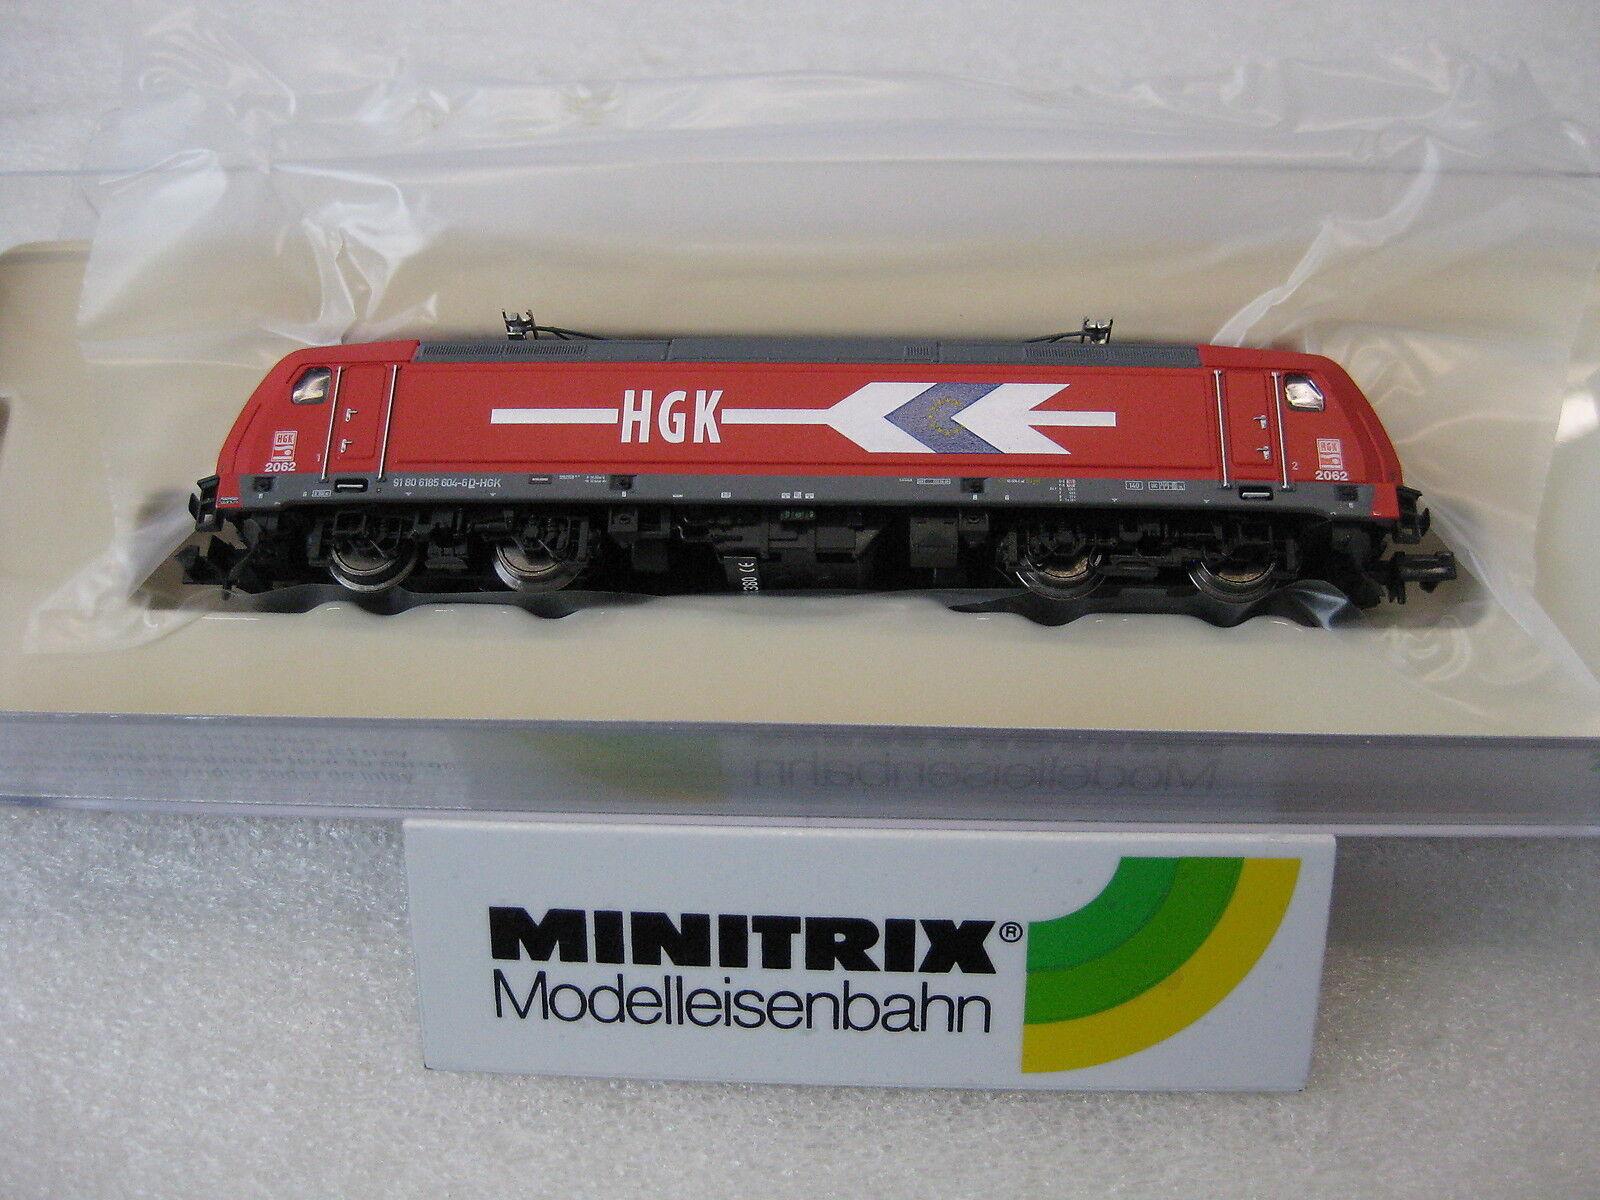 Trix Minitrix t12199 elok br f140 hgk mhi nuevo